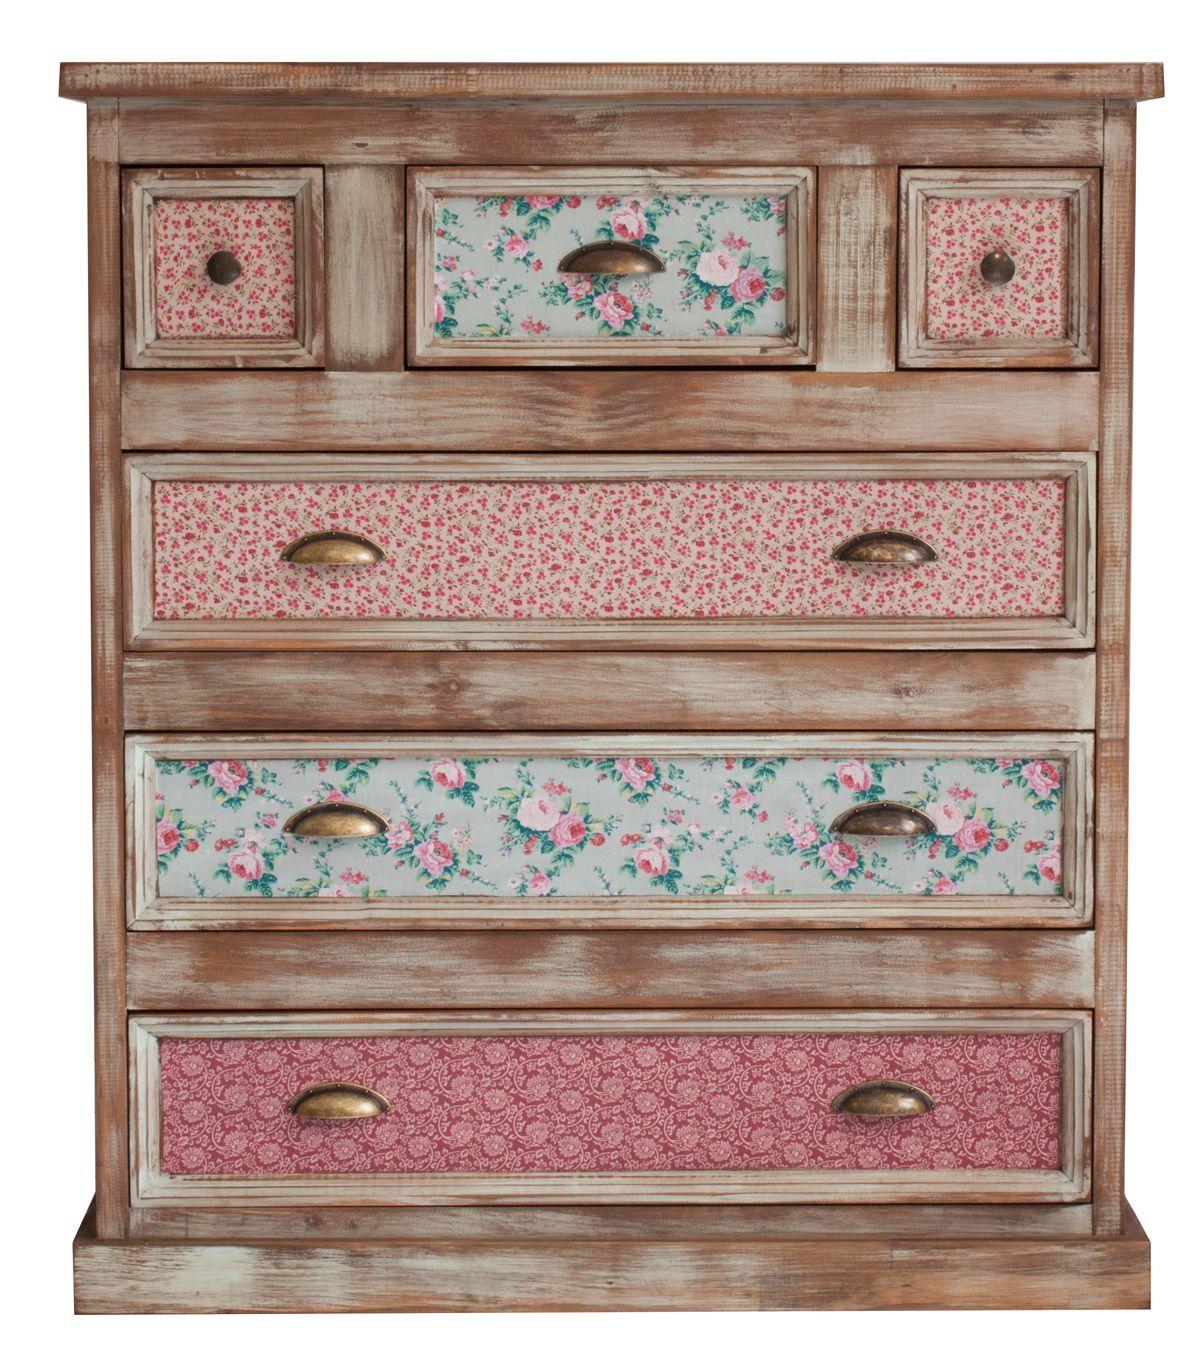 Comoda marilia comodas envelhecidas pinterest - Muebles reciclados vintage ...